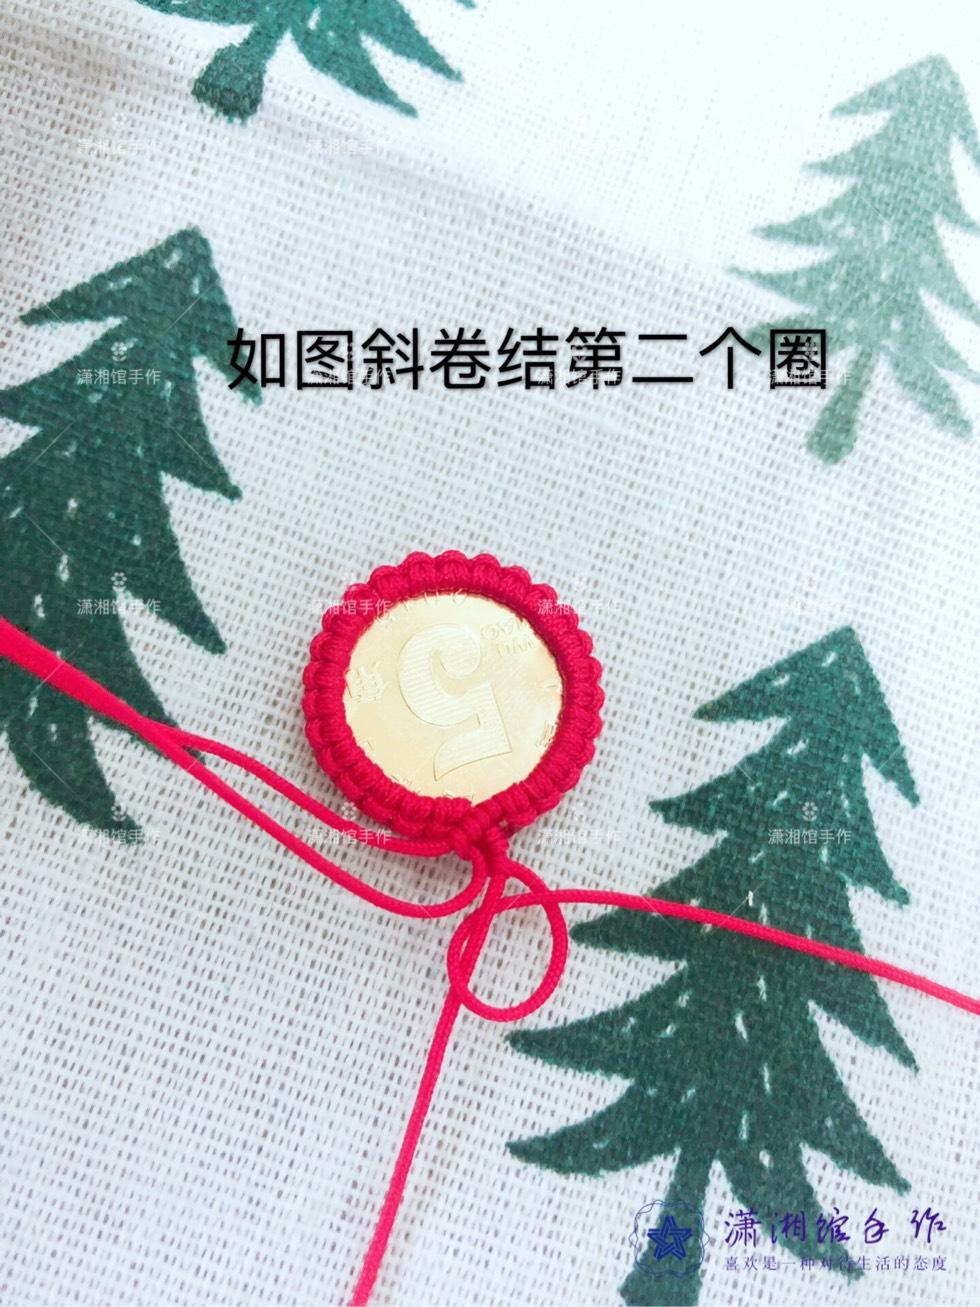 中国结论坛 硬币挂件天使翅膀钥匙扣教程  图文教程区 170103qqczig00cylg02ig